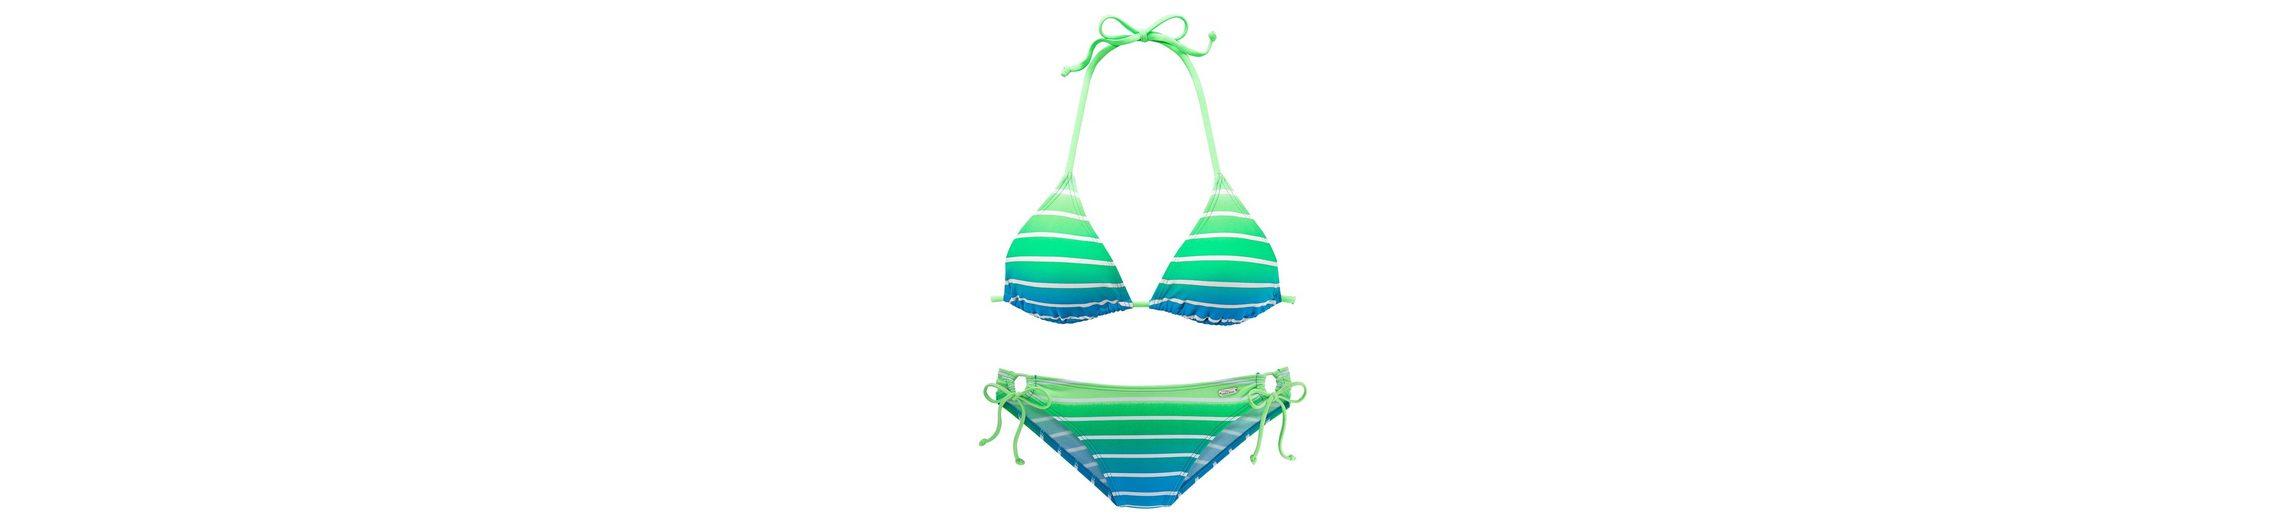 Venice Beach Triangel-Bikini in Neonfarben Zuverlässig Auf Heißen Verkauf Freiraum 100% Original HdWvt0